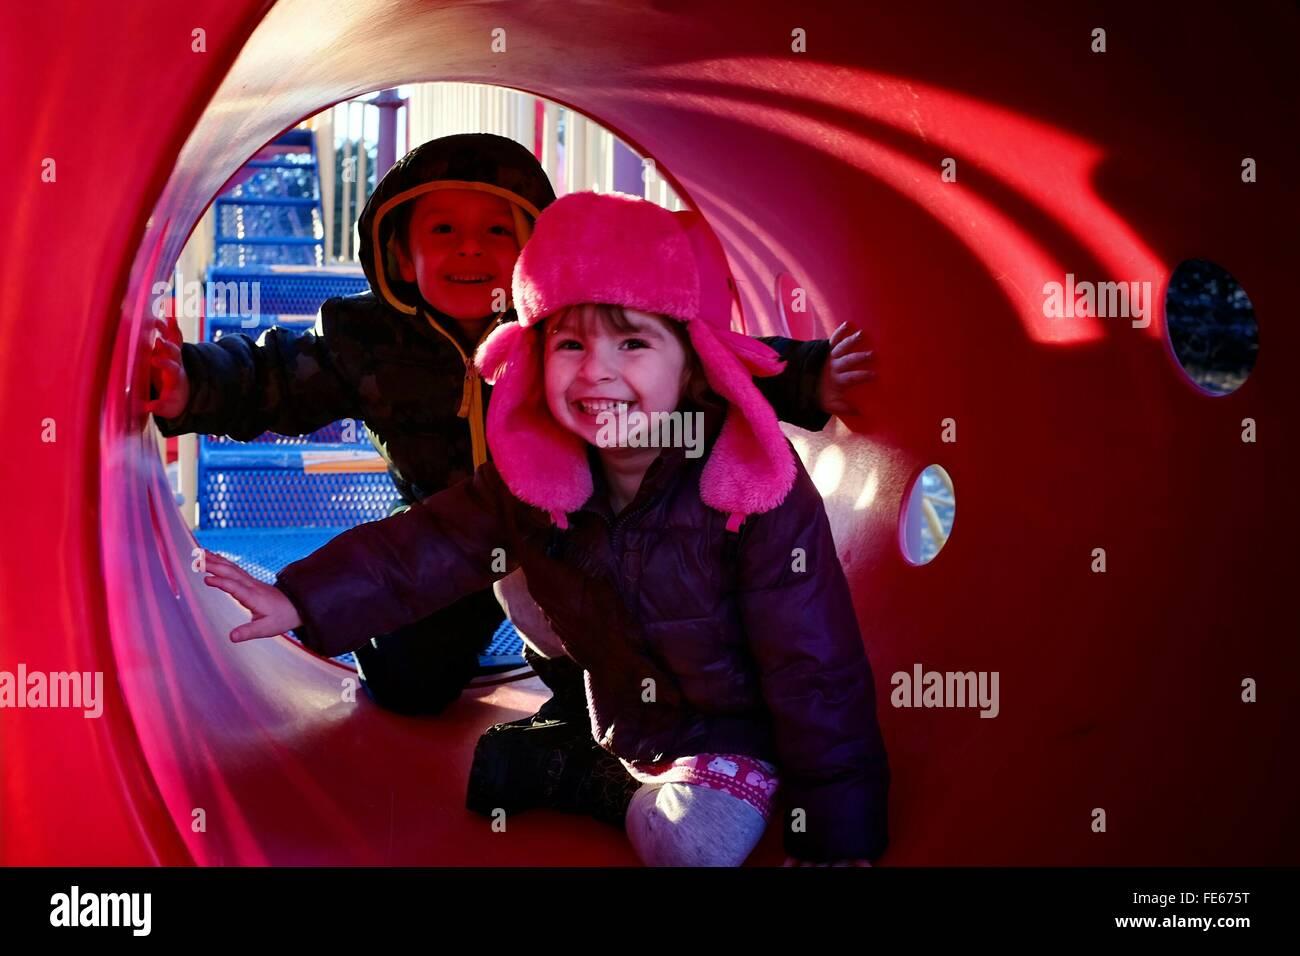 Los niños en Túnel de recreo Imagen De Stock